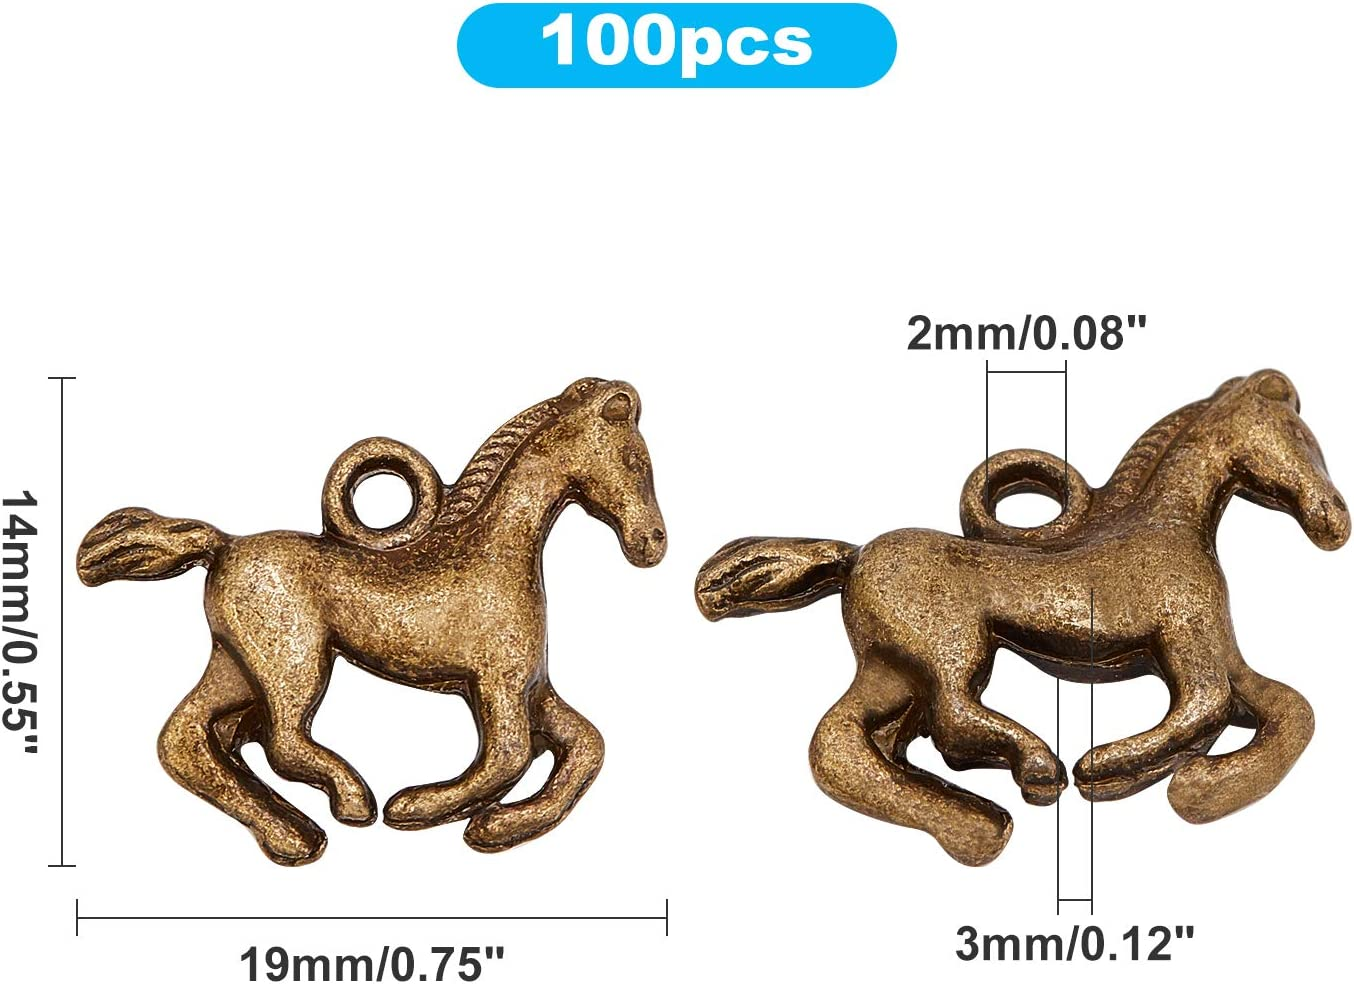 pulseras collares PandaHall 100 abalorios de caballo galopante de aleaci/ón tibetana con dise/ño de caballo ecuestre para manualidades bronce antiguo joyer/ía pendientes